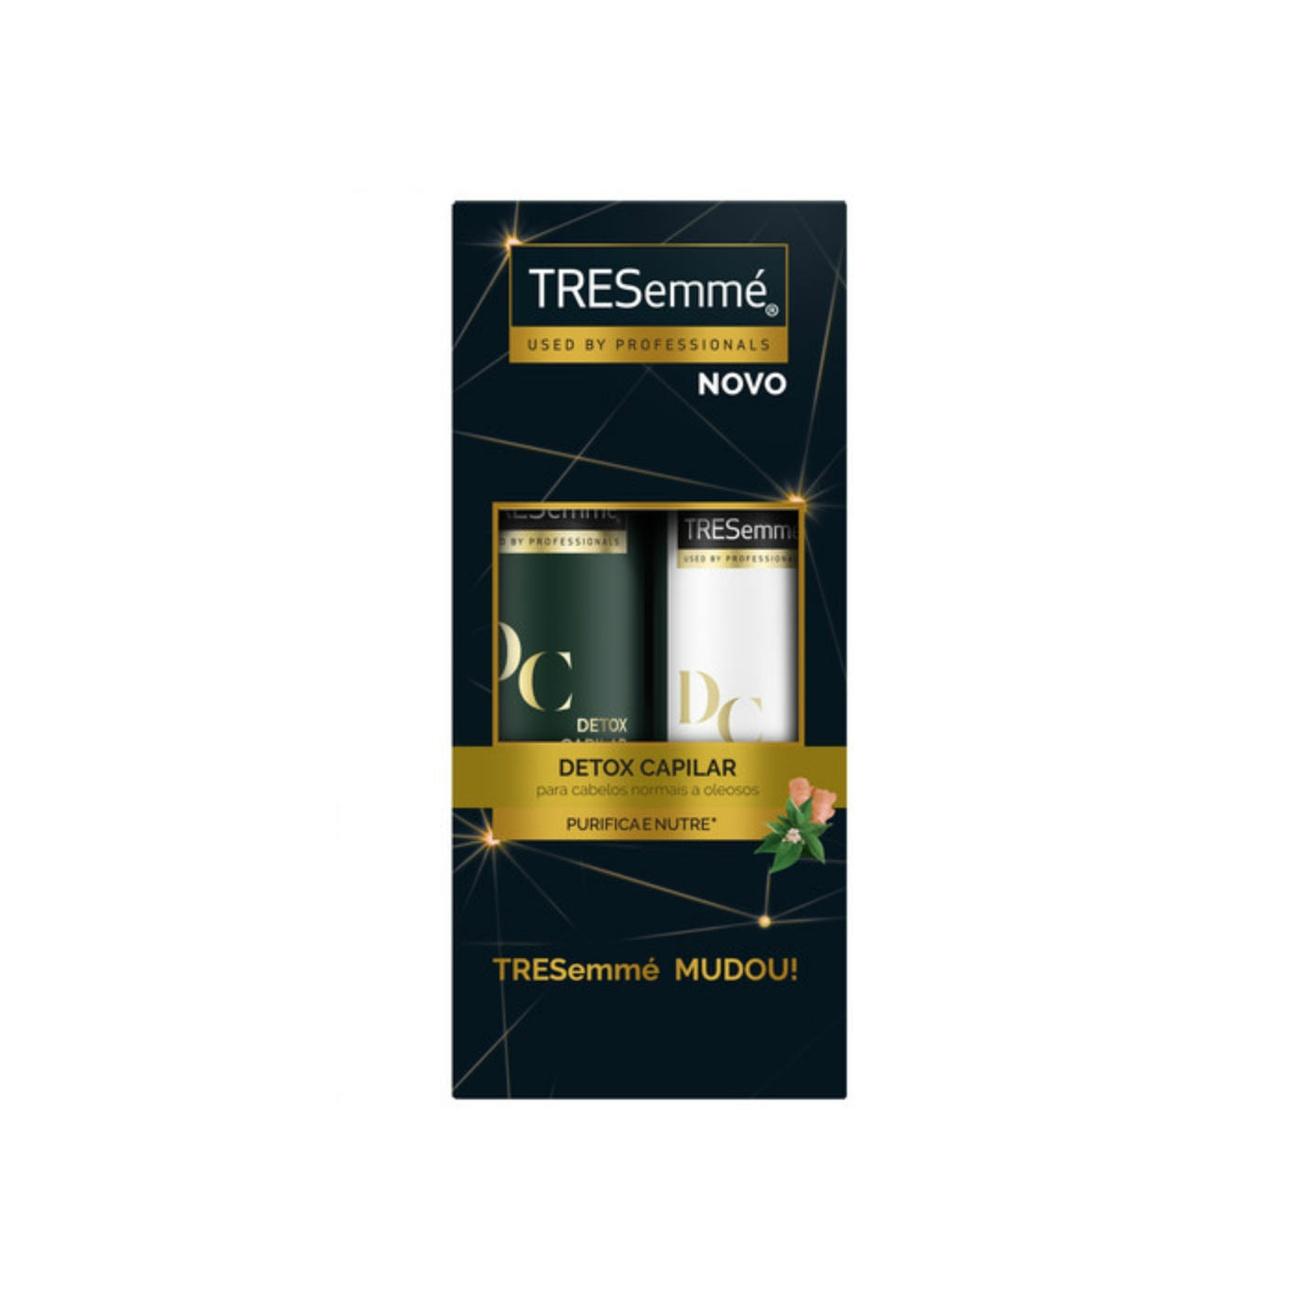 Oferta Tresemmé Shampoo Detox Capilar 400ml + Condicionador 200ml